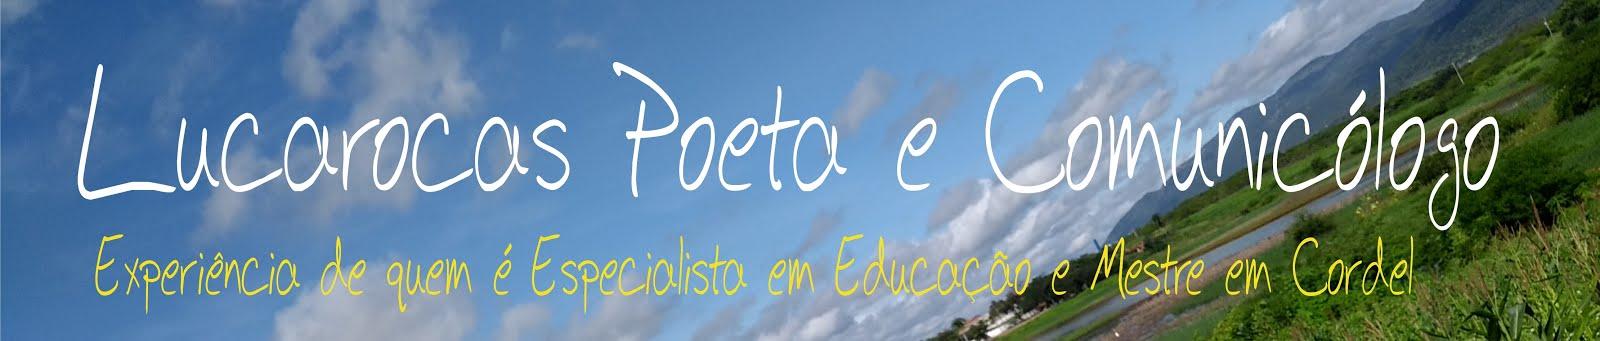 Lucarocas Poeta e Comunicólogo